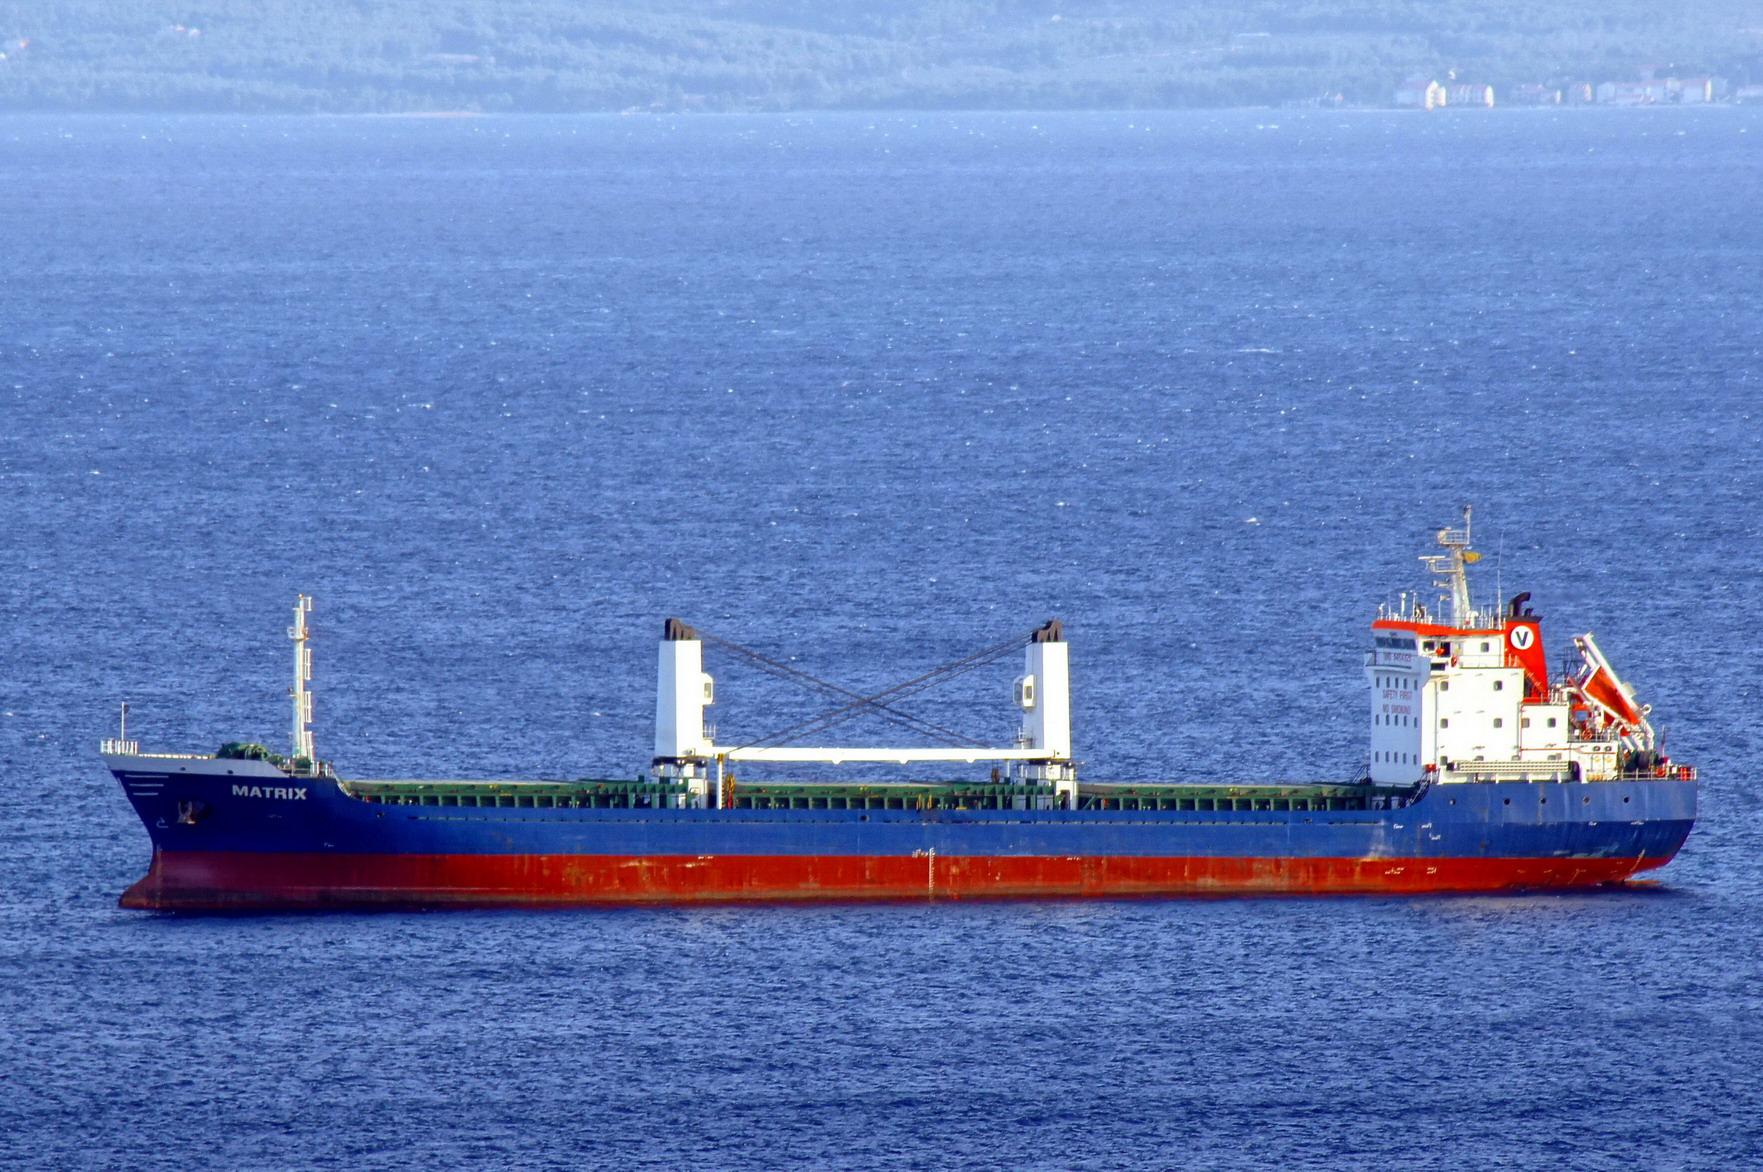 File:Matrix (ship, 2007) IMO 9454125; in Split, 2011-10-13 ...